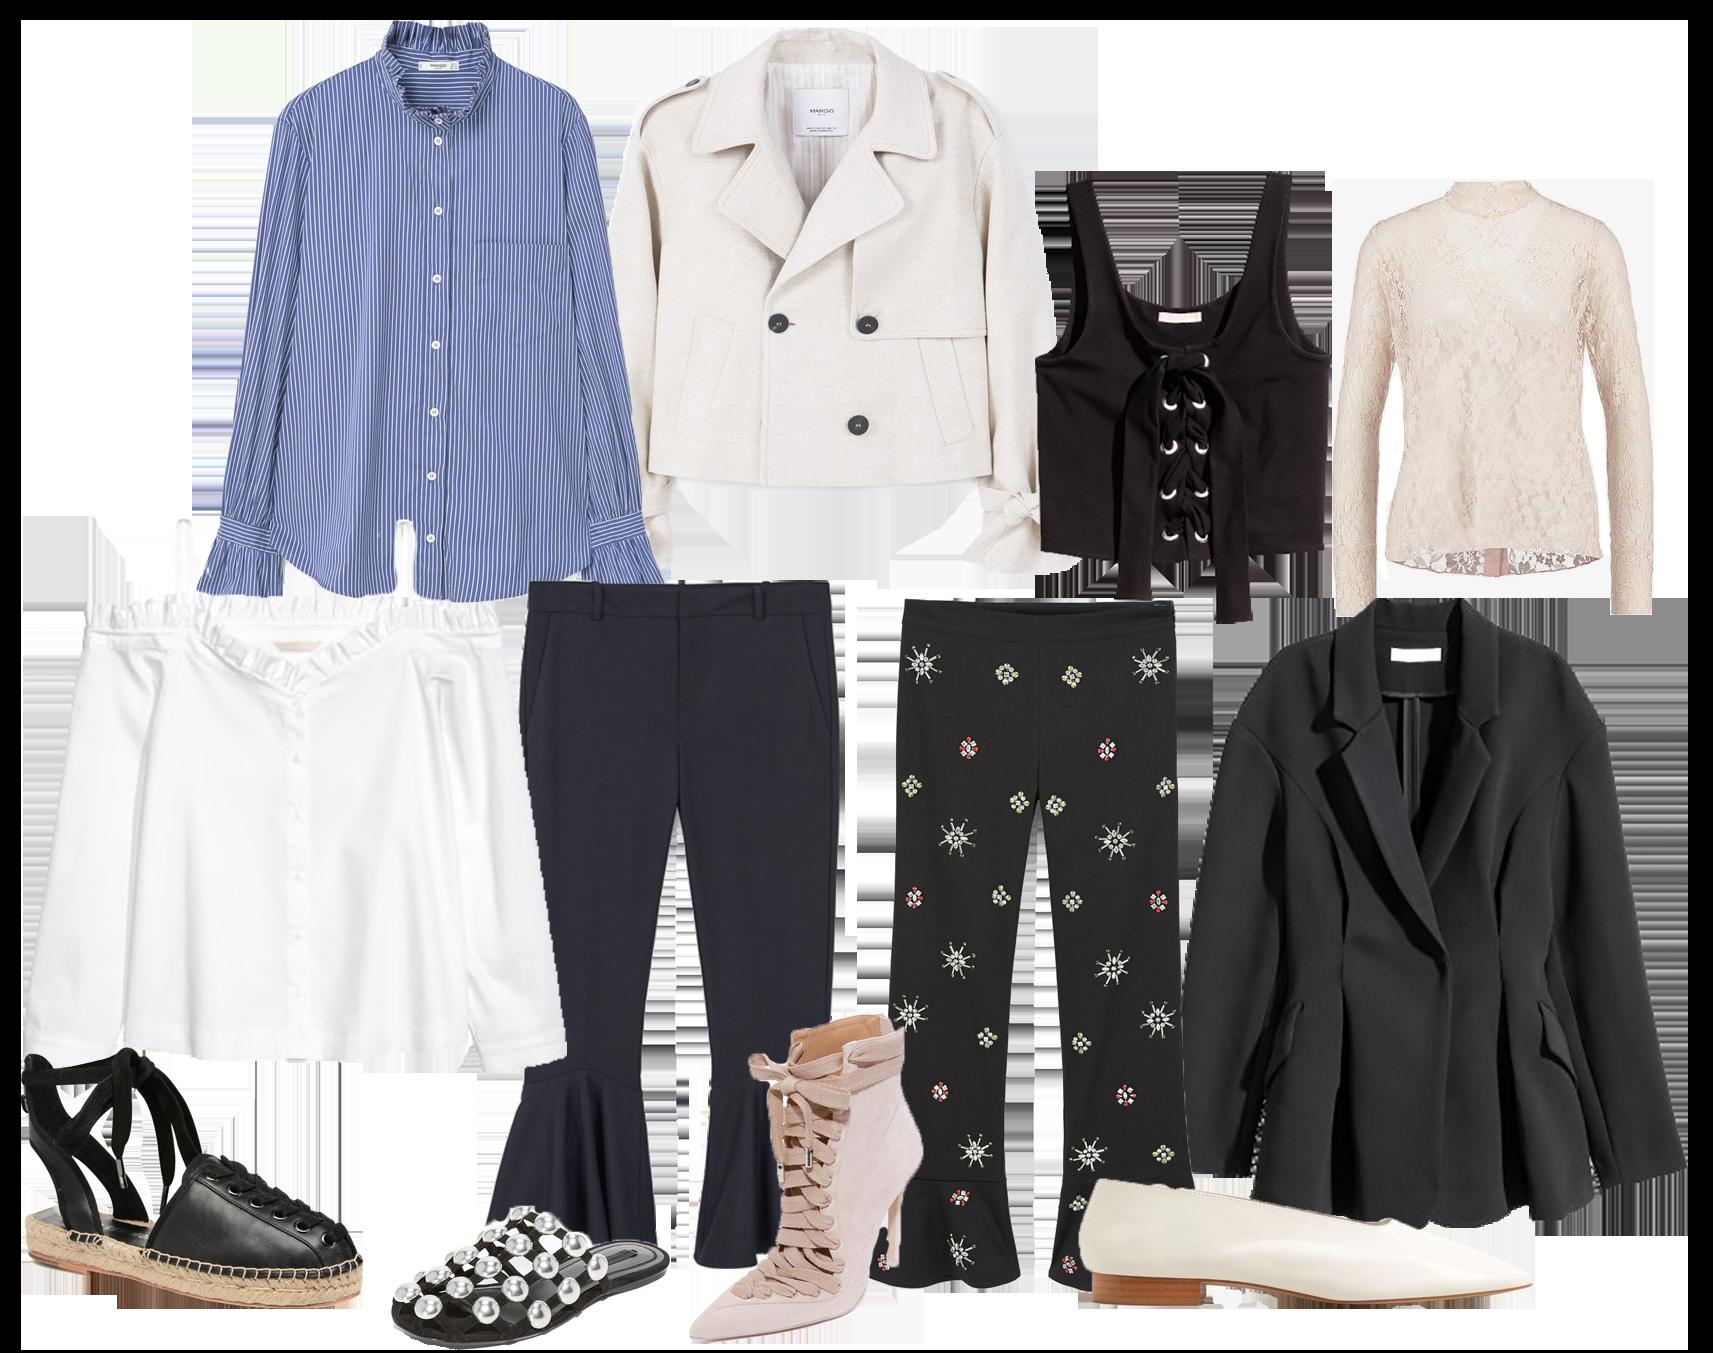 Что надеть на фестиваль | стиль: гранжевый,  броский,  холодный,  праздничный, лето, бохо, Coachella | картинки: модный блоггер Маша Седжвик